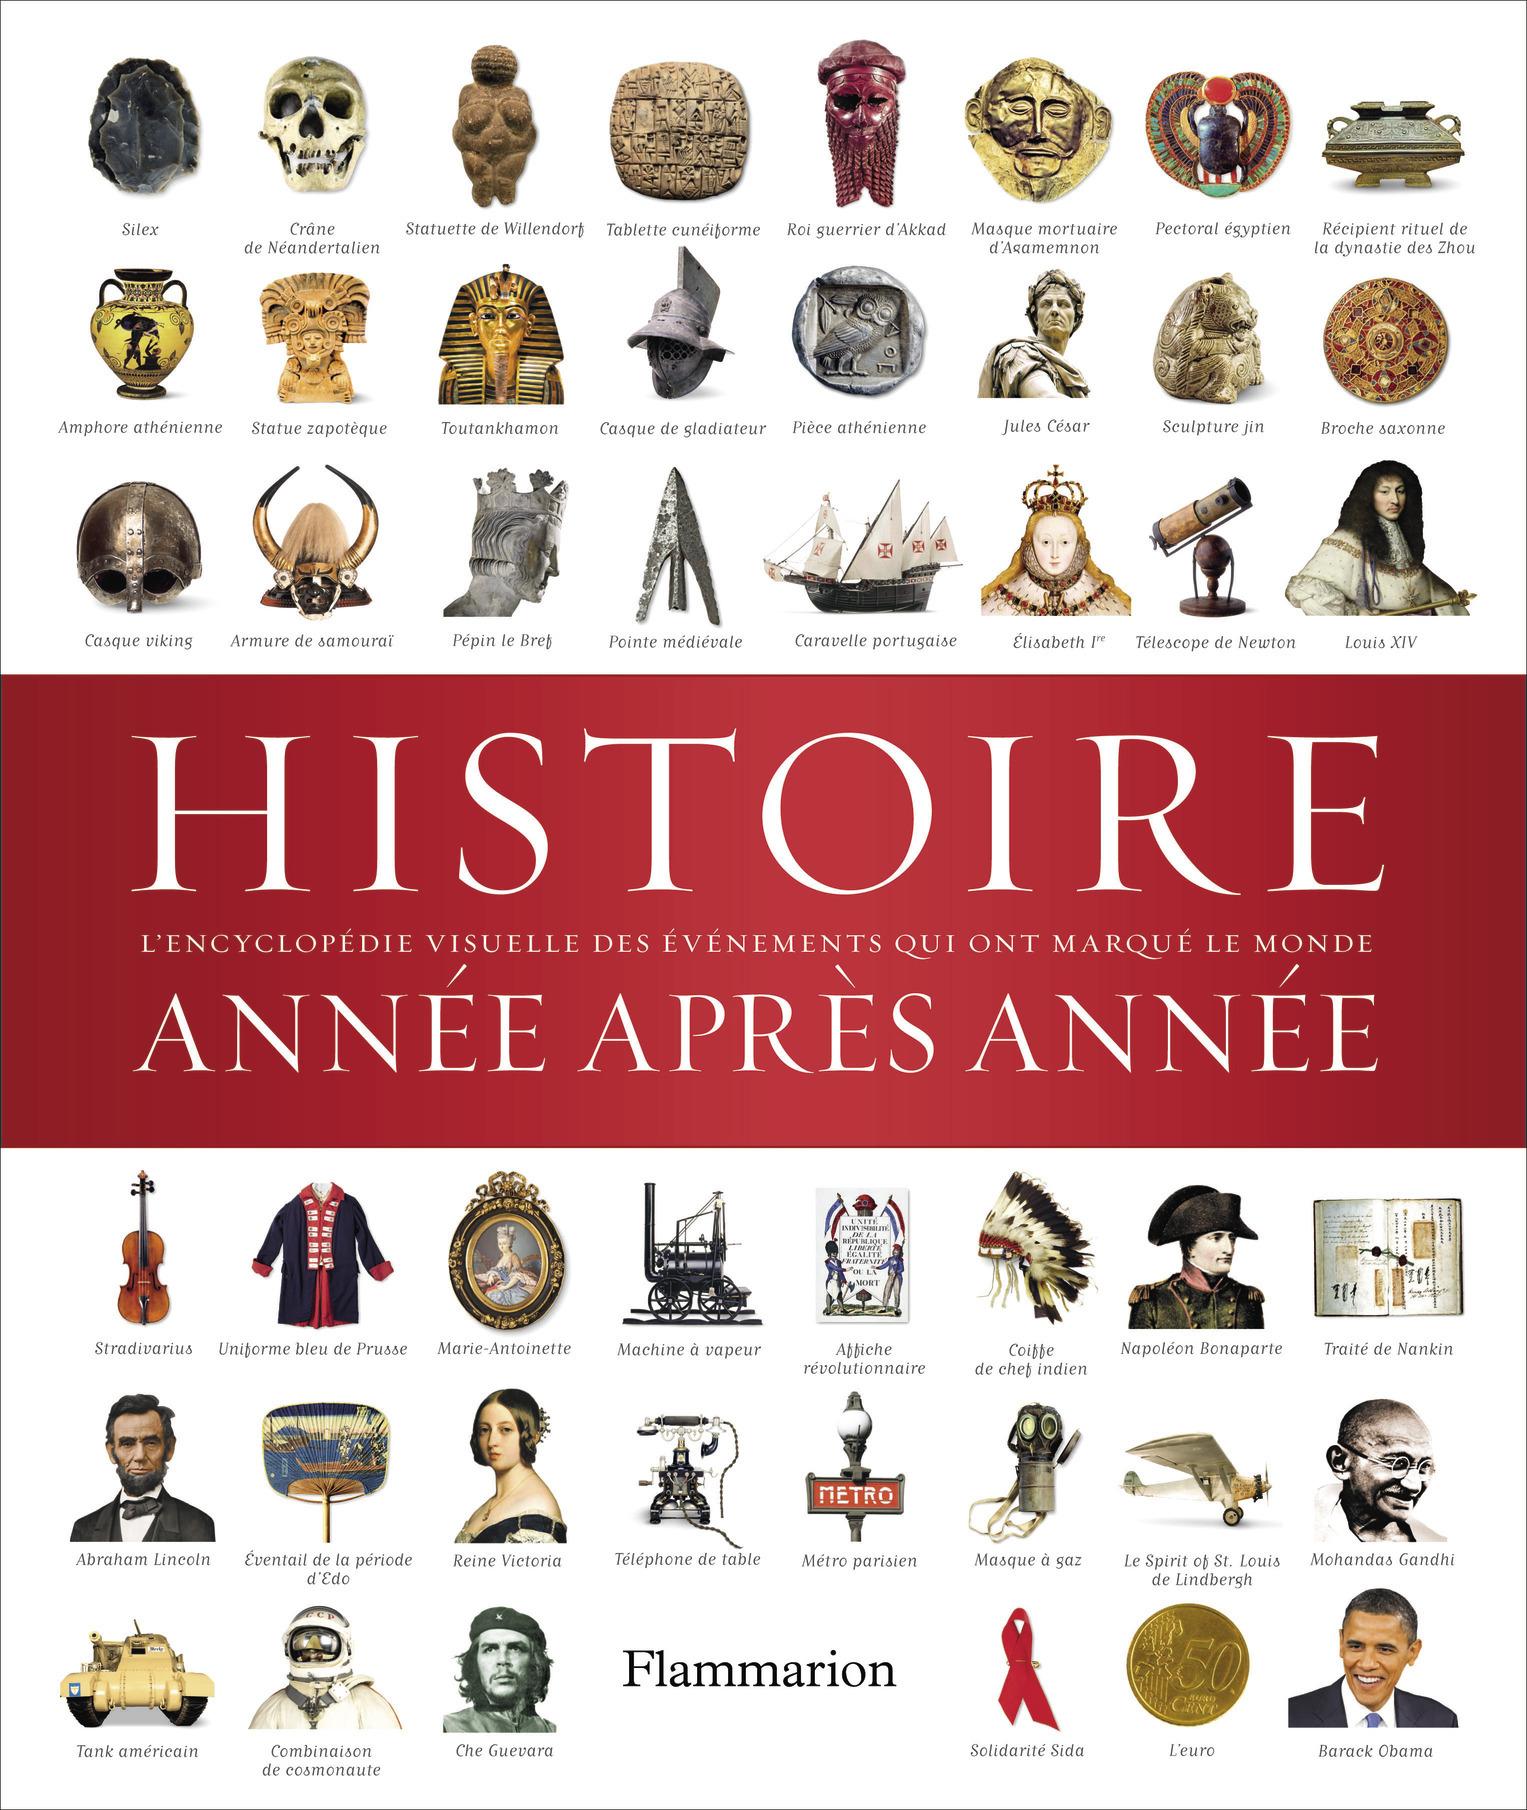 HISTOIRE ANNEE APRES ANNEE - ENCYCLOPEDIE VISUELLE DES EVENEMENTS QUI ONT MARQUE LE MONDE